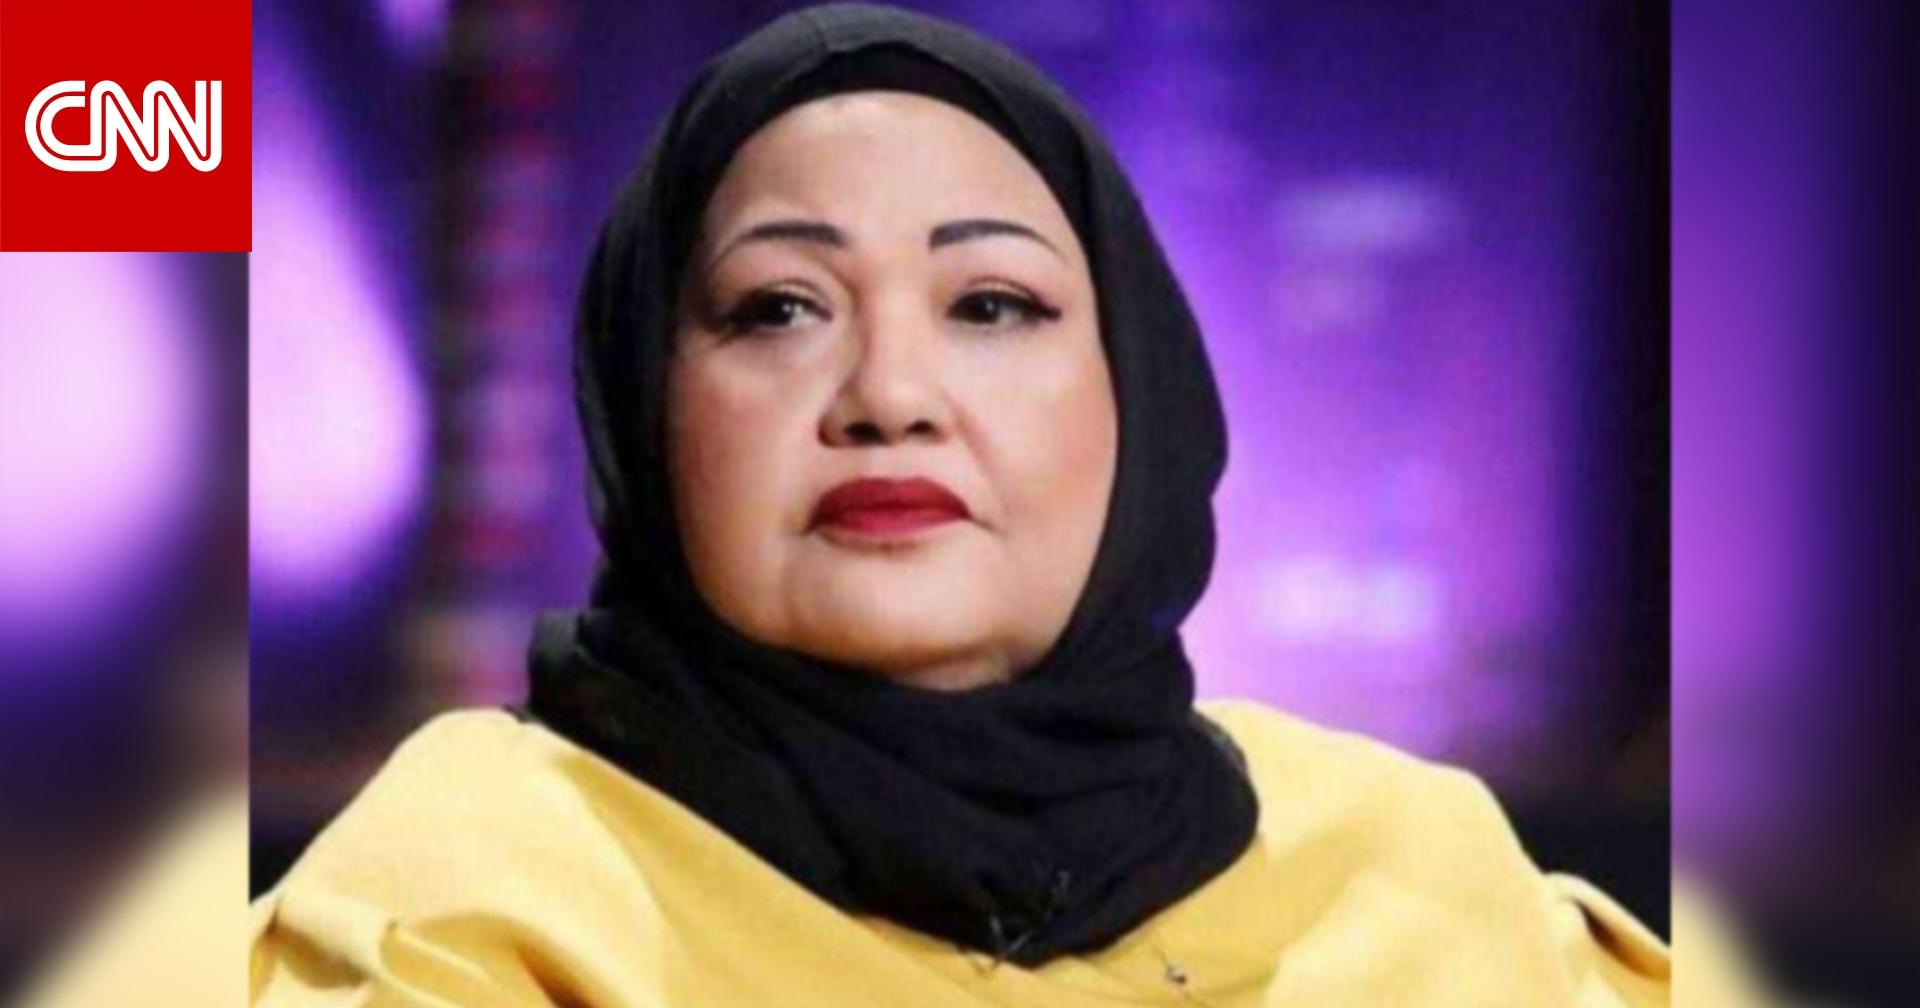 وفاة الفنانة الكويتية انتصار الشراح عن عمر يناهز 59 عامًا